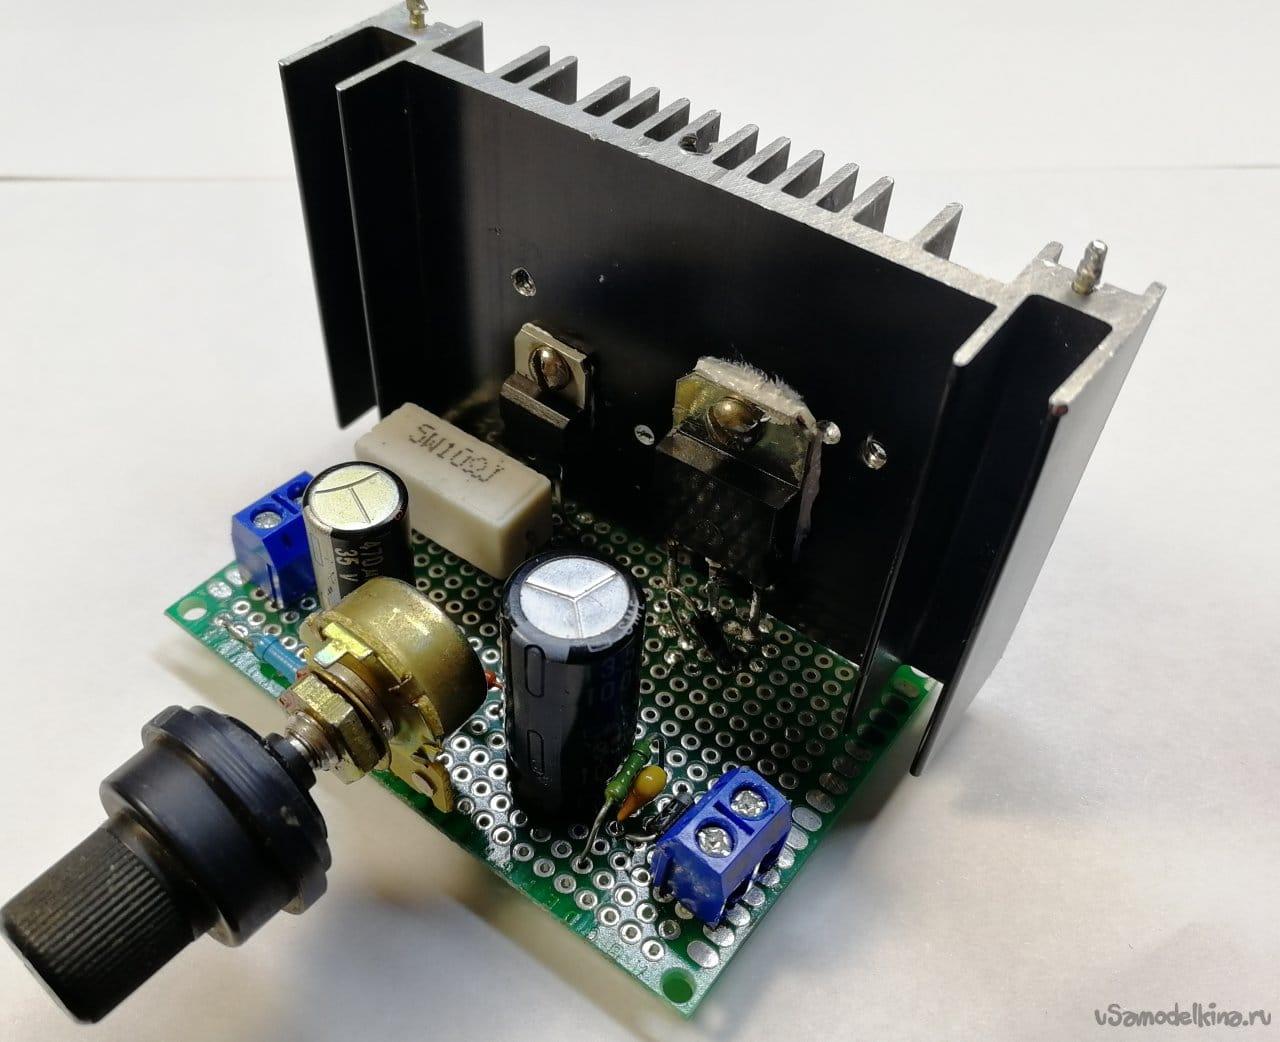 Линейный стабилизатор напряжения с регулировкой на LM317 и PNP транзисторе